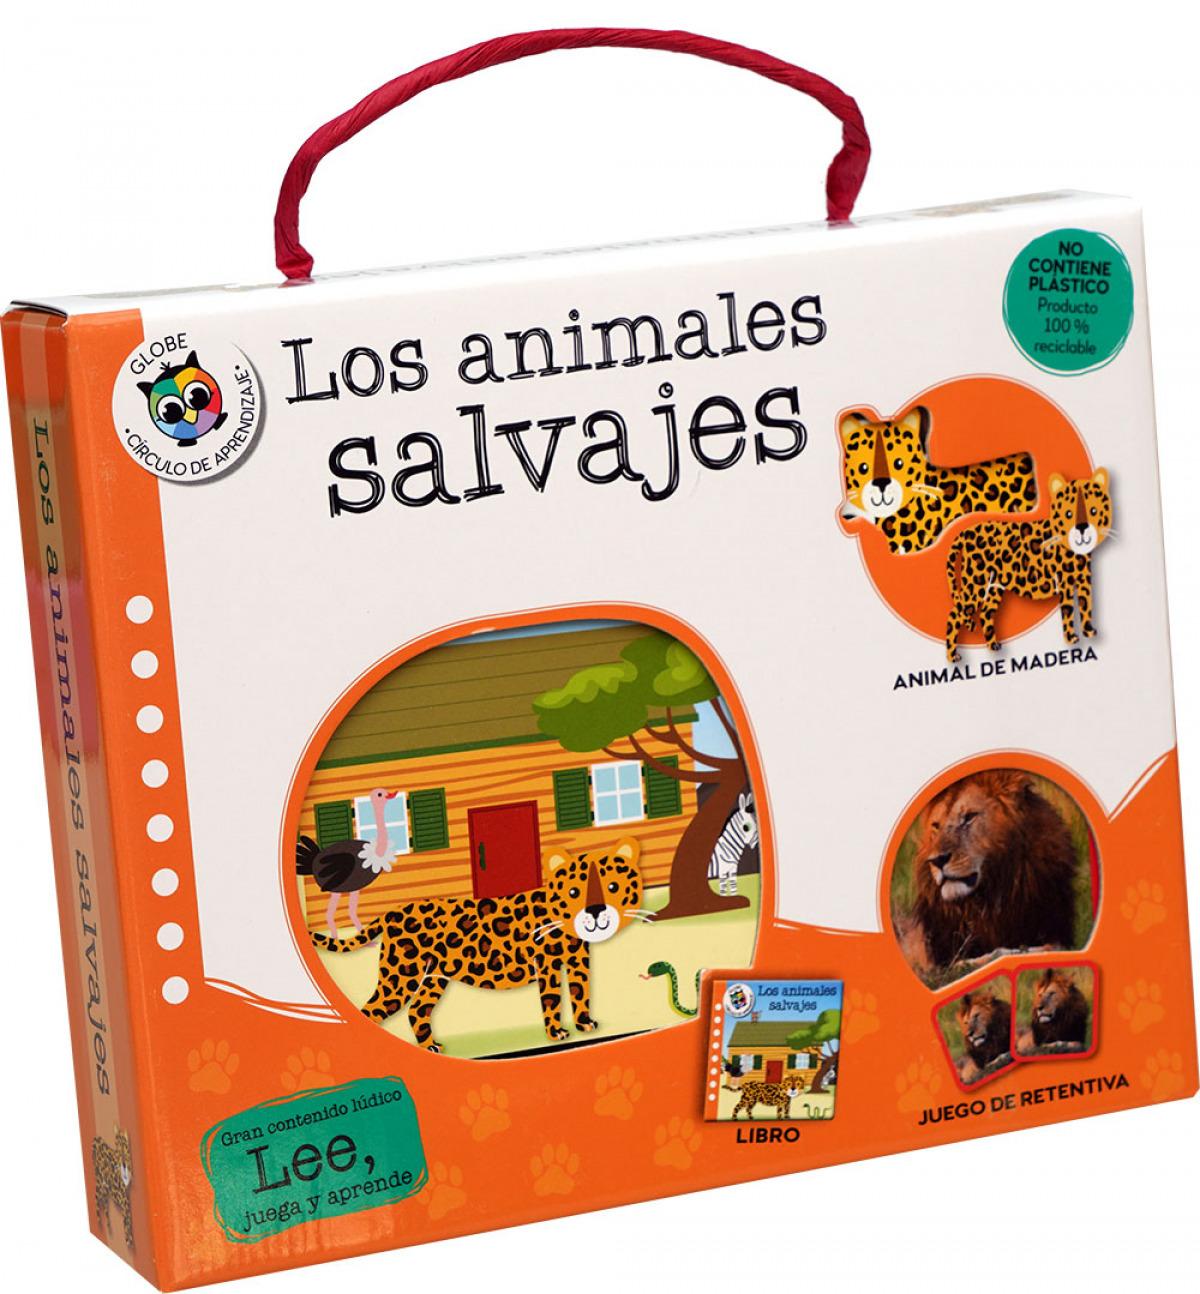 LOS ANIMALES SALVAJES